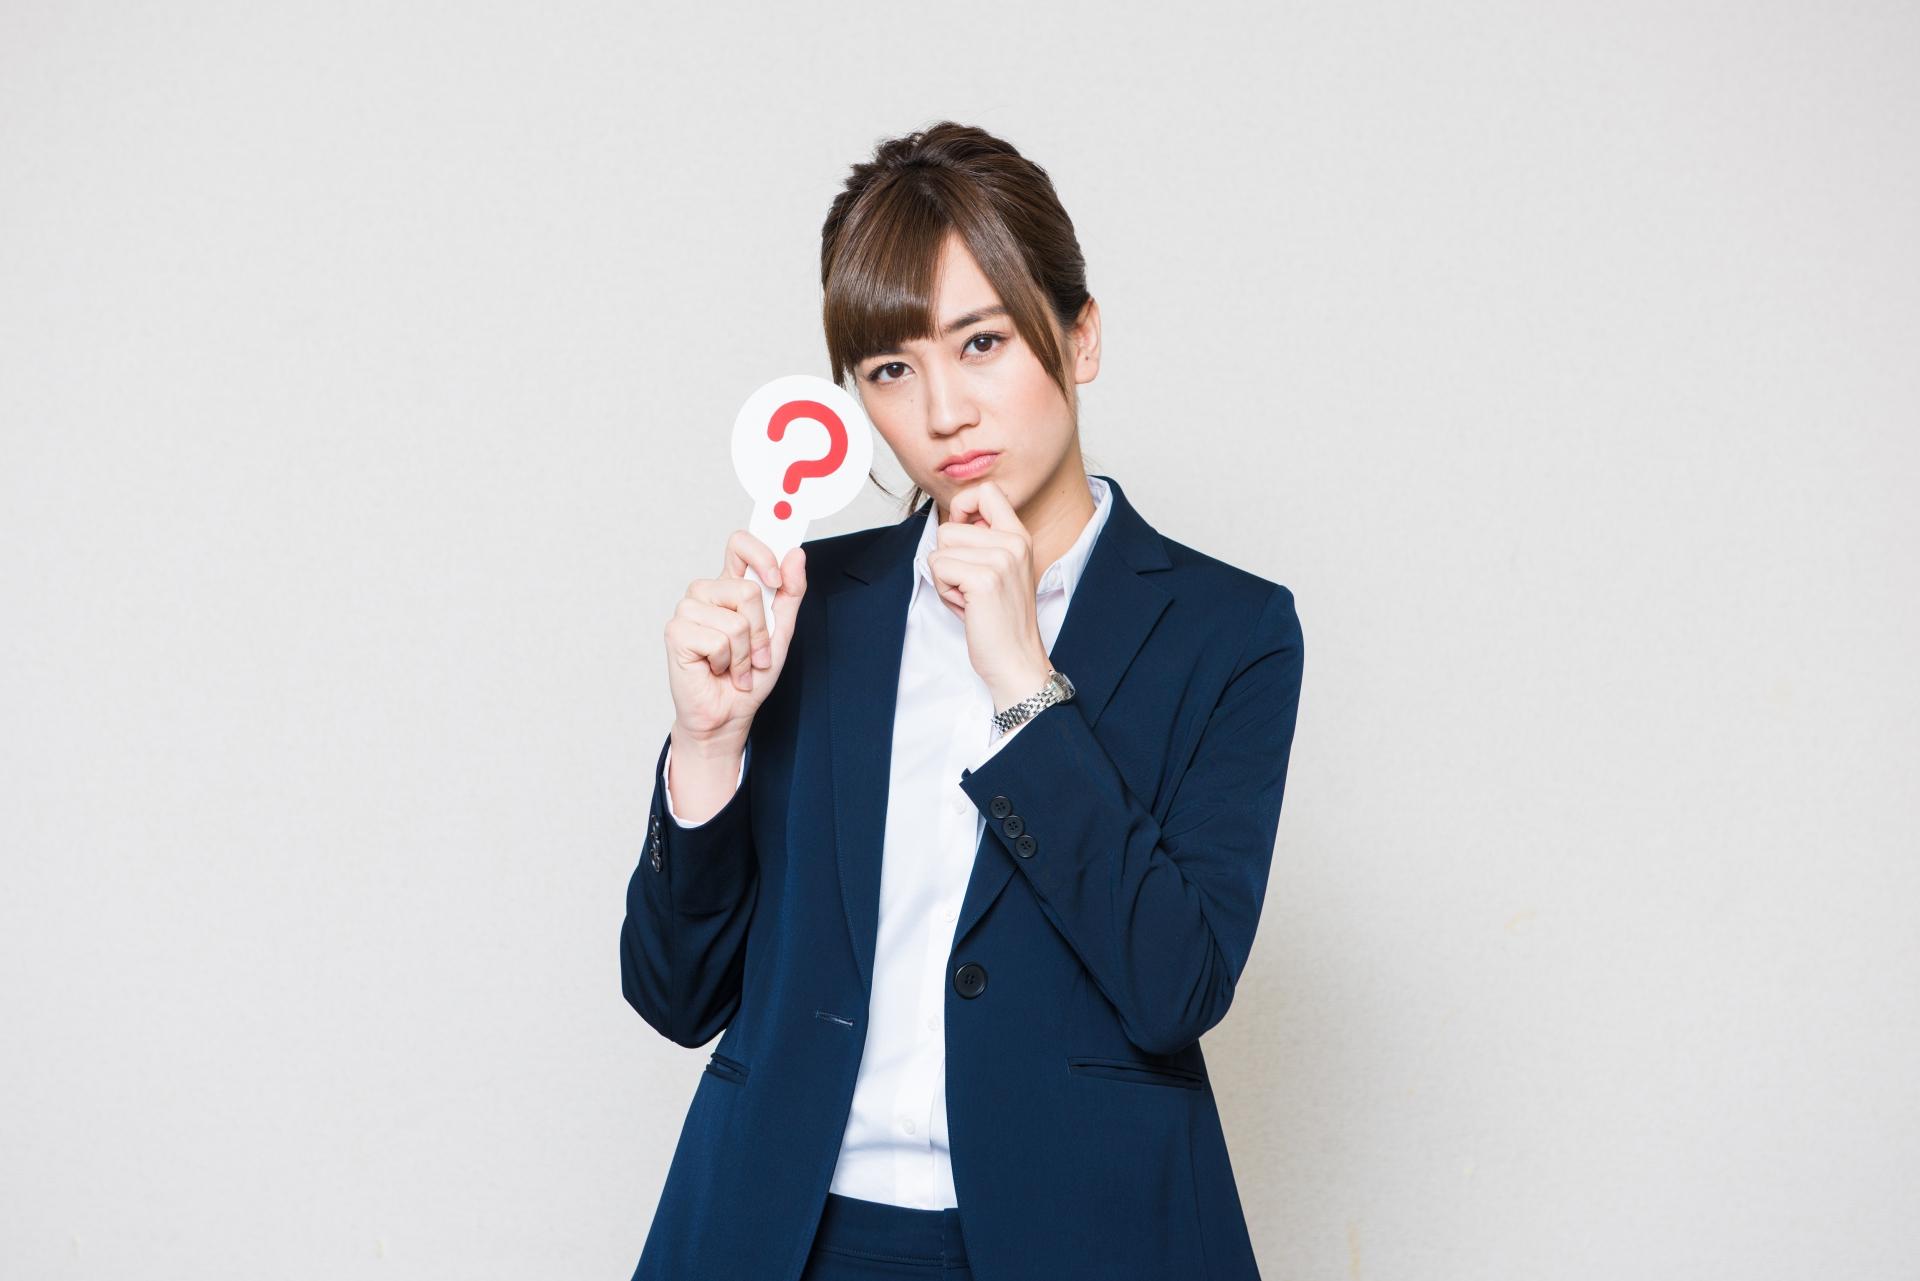 日本人女性の性格の特徴と魅力とは?だから外国人にモテます